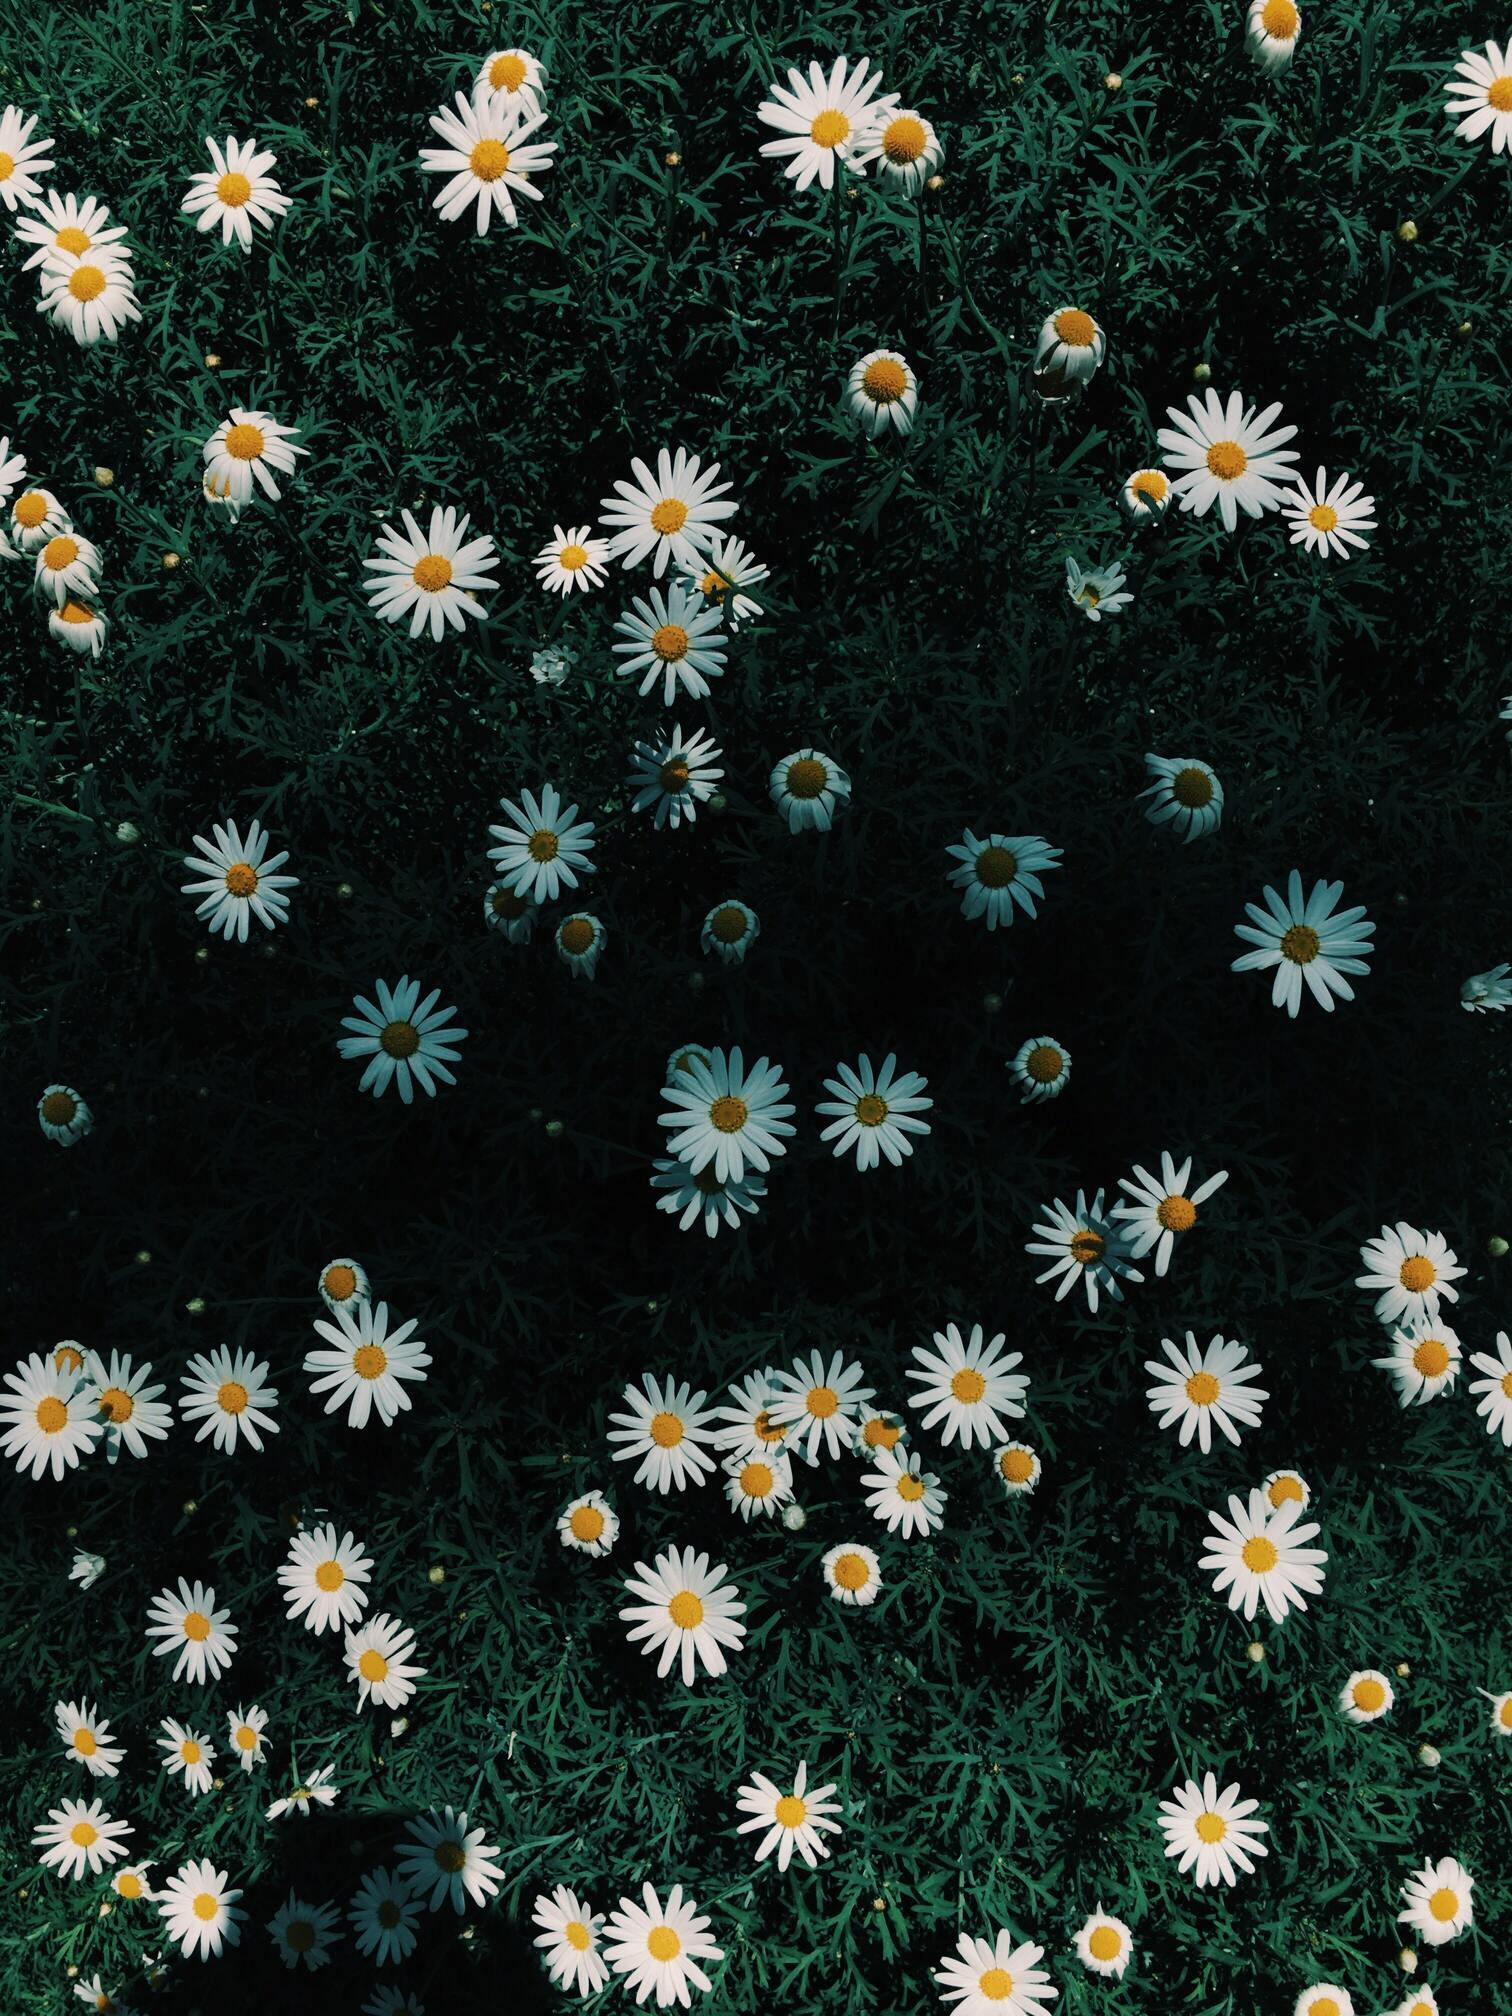 Hình ảnh hoa cúc dại buồn đẹp